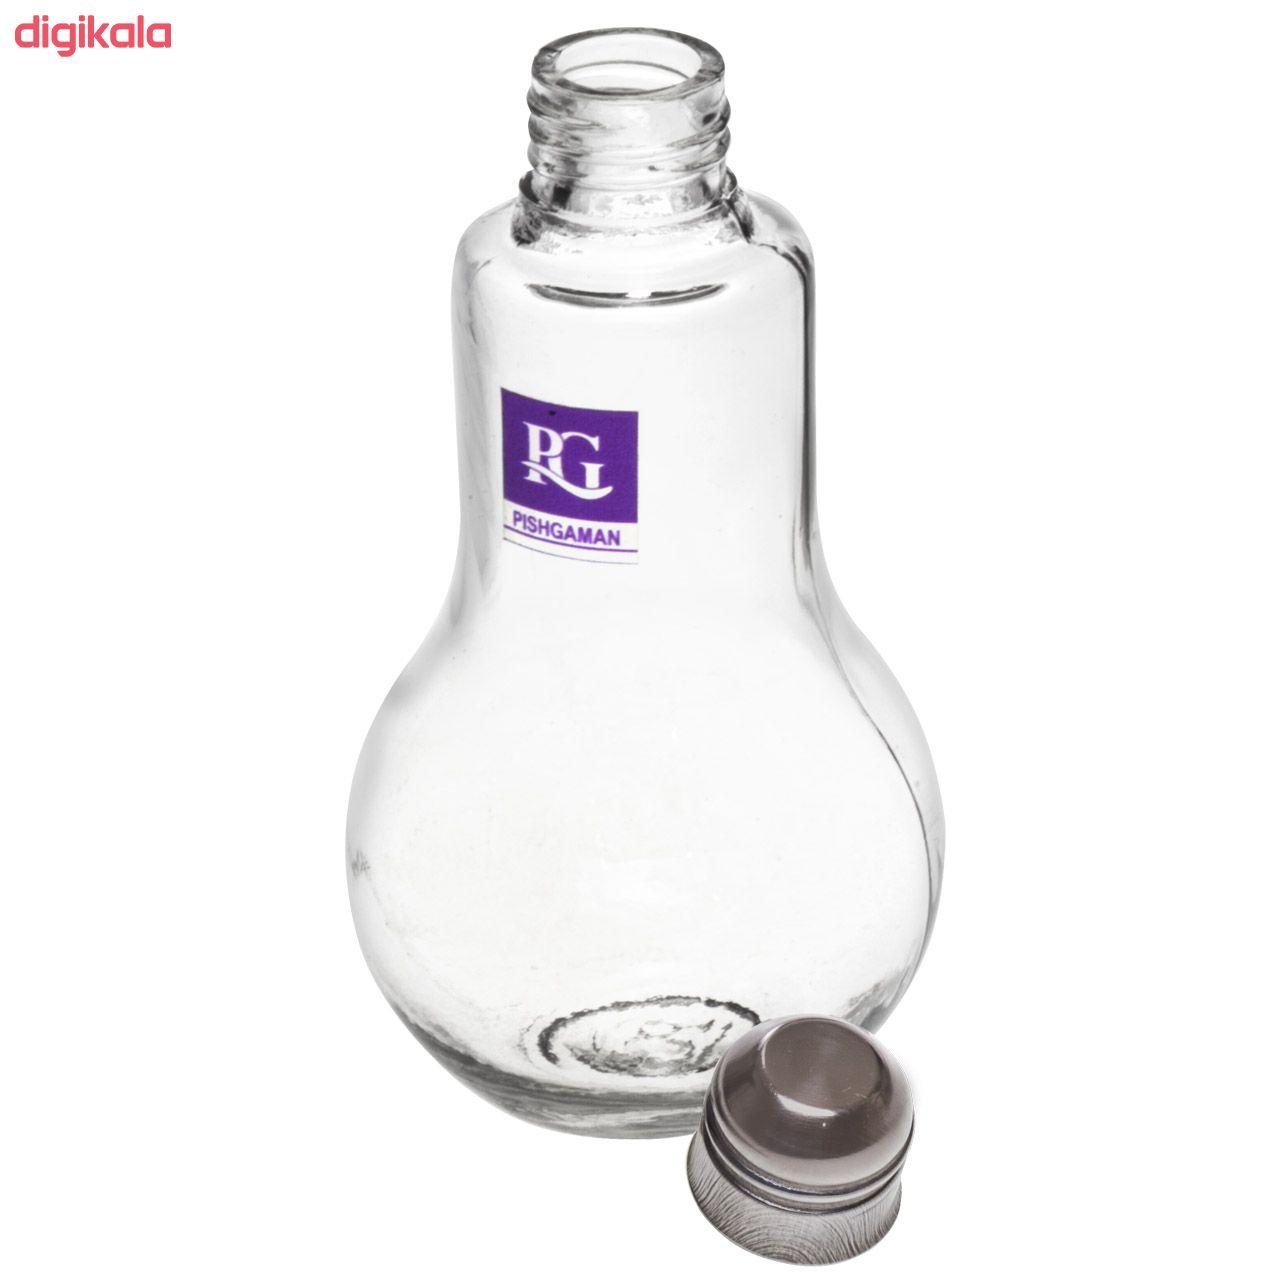 بطری پیشگامان طرح لامپ کد 7040 main 1 1